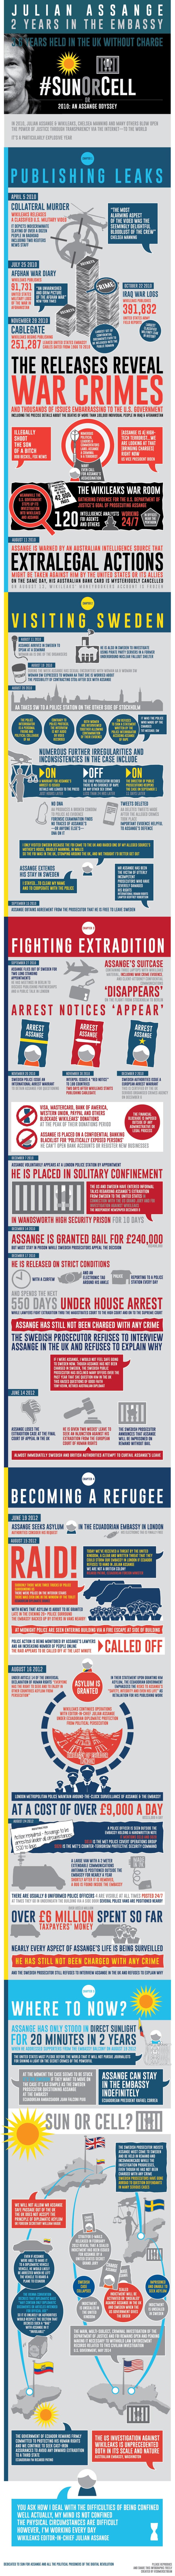 Julian Assange (wikileaks): 2 primeros años en la Embajada